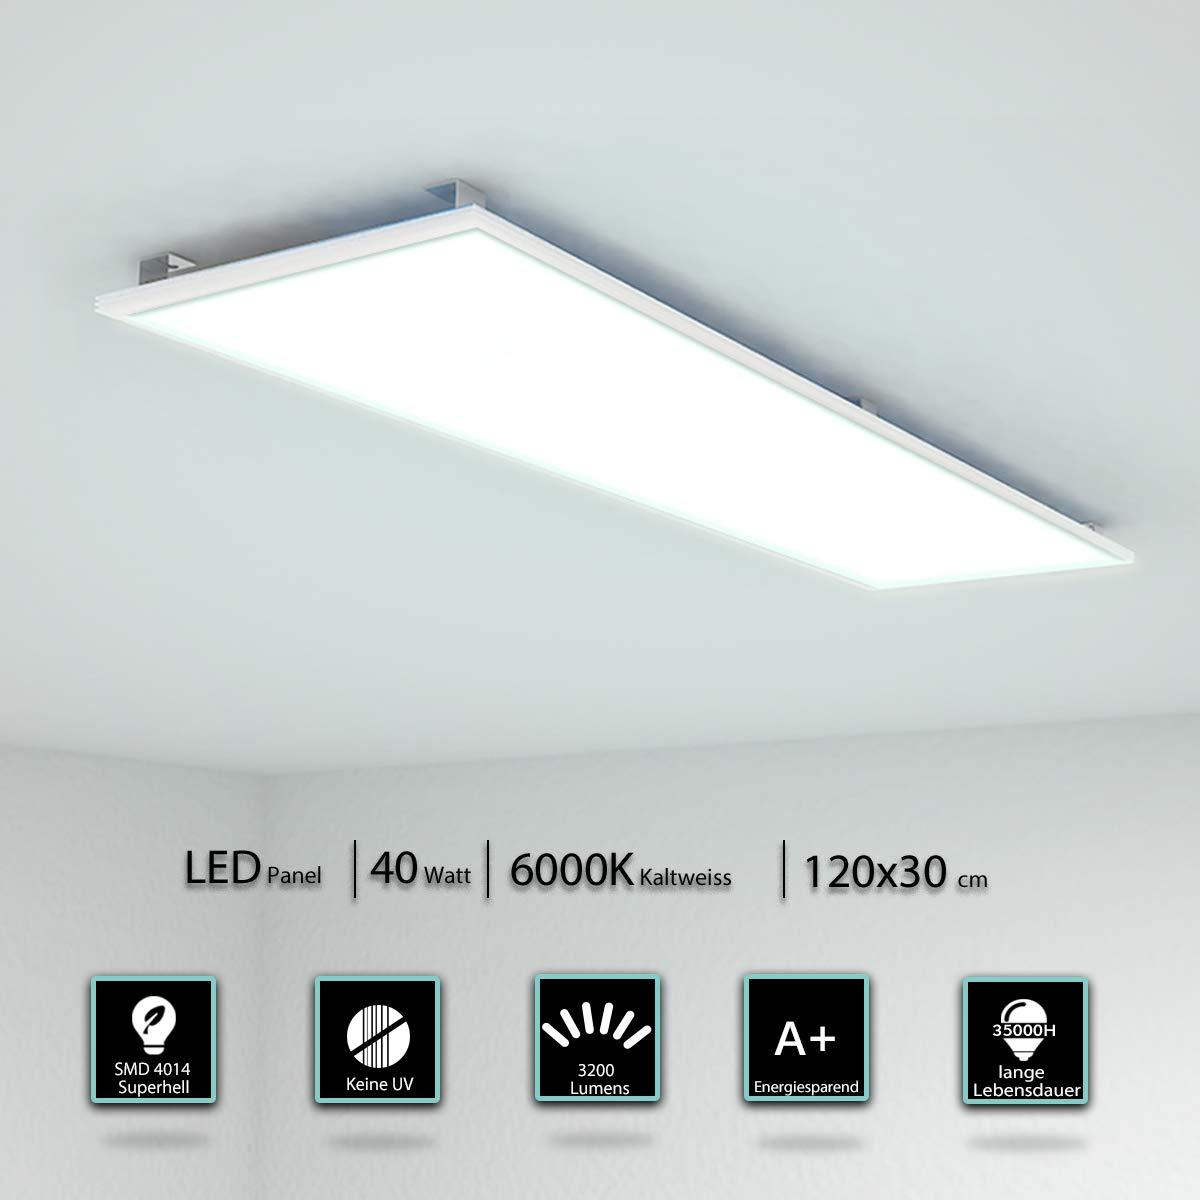 LED Panel Deckenleuchte 120x30 CM 40W 3000-3200 Lumen Wandleuchte Warmwei/ß 3000K LED Lampe Ultraslim Einbauleuchte Silberrahmen Befestigungsmaterial und Trafo Energieklasse A+